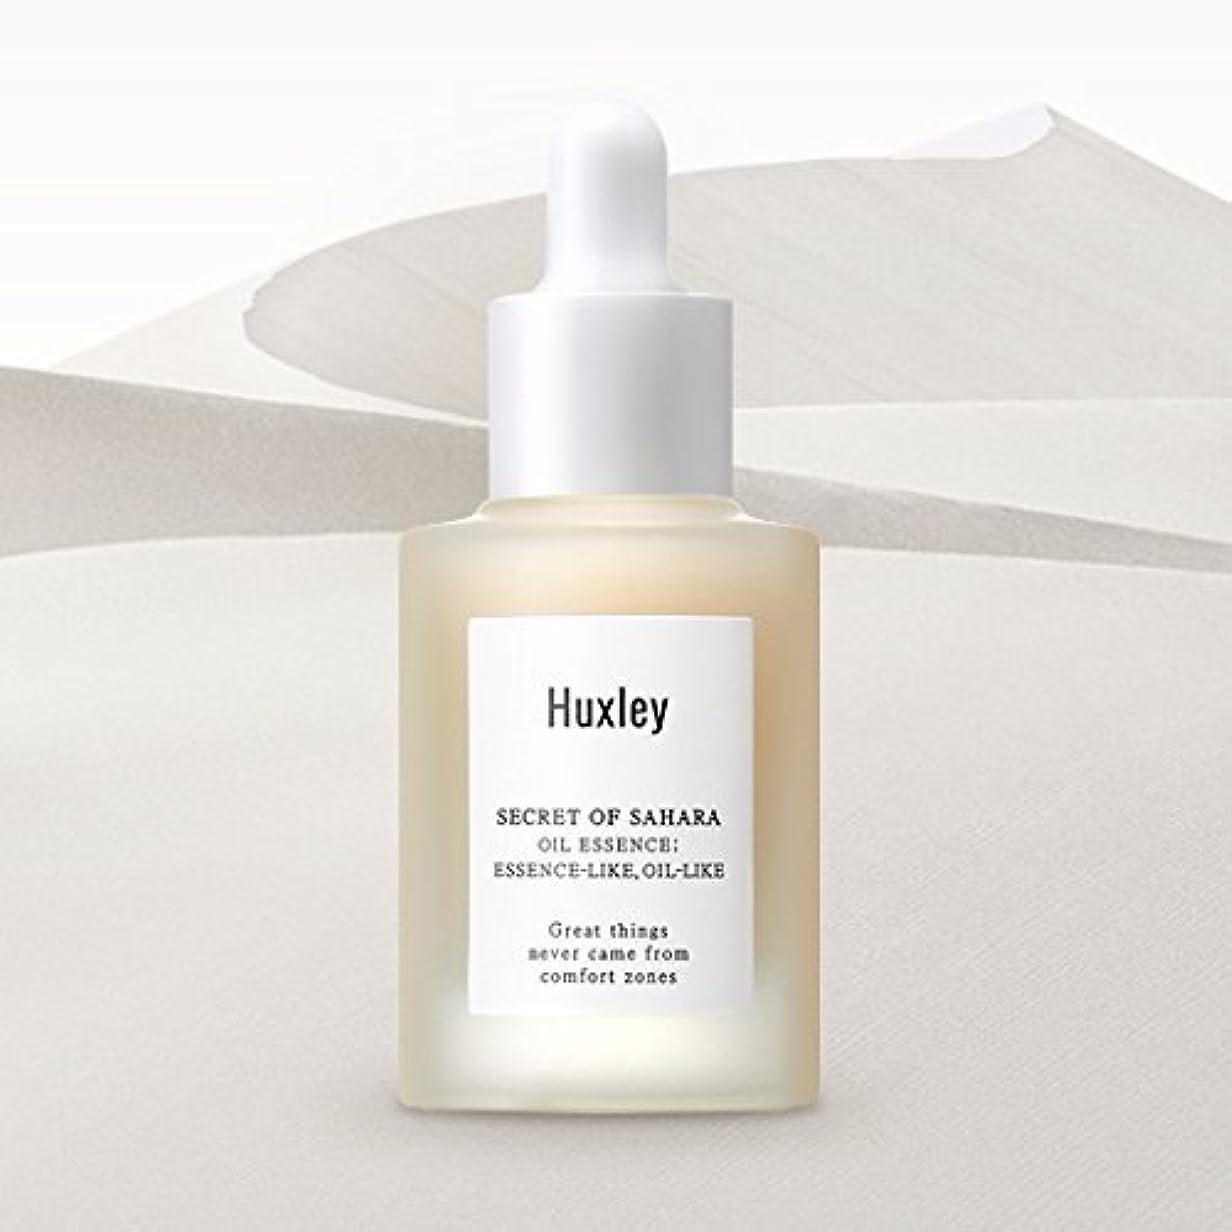 奨励息を切らして鉄道駅ハクスリー サハラ砂漠の秘密オイルエッセンス30ml / Huxley Secret of Sahara OIL Essence (Essence-Like, Oil-Like) 30ml (1.01fl.oz.) Made in Korea